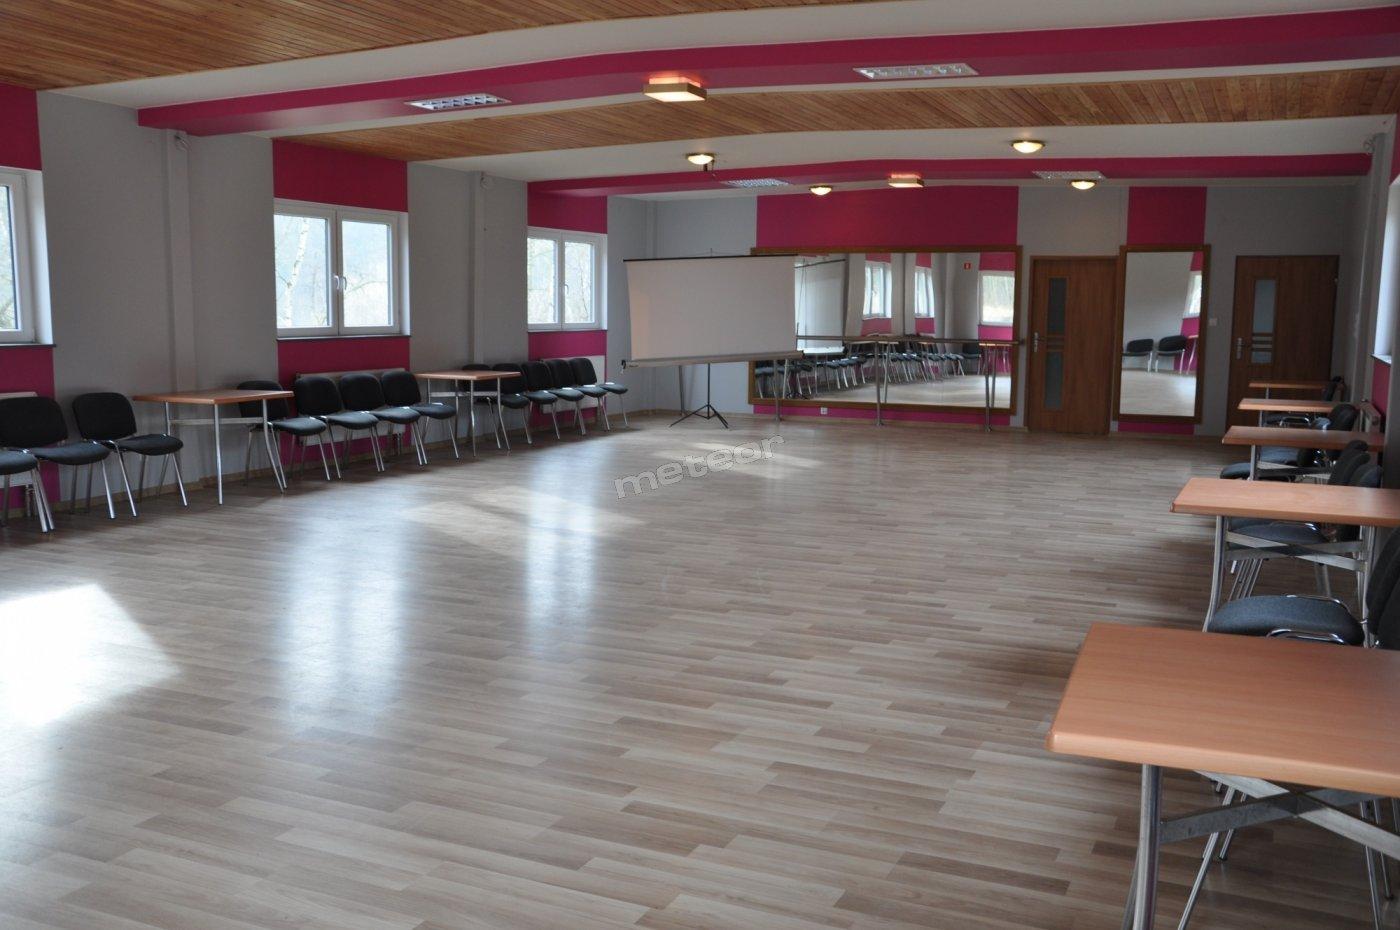 SALA REKREACYJNO-SPOTOWA! Nowoczesna, przestronna, idealna do ćwiczeń sportowych oraz nauki tańca :)  Wyposażona w : -ścianę lustrzaną -tablicę magnetyczną -nagłośnienie -krzesła -stoliki.